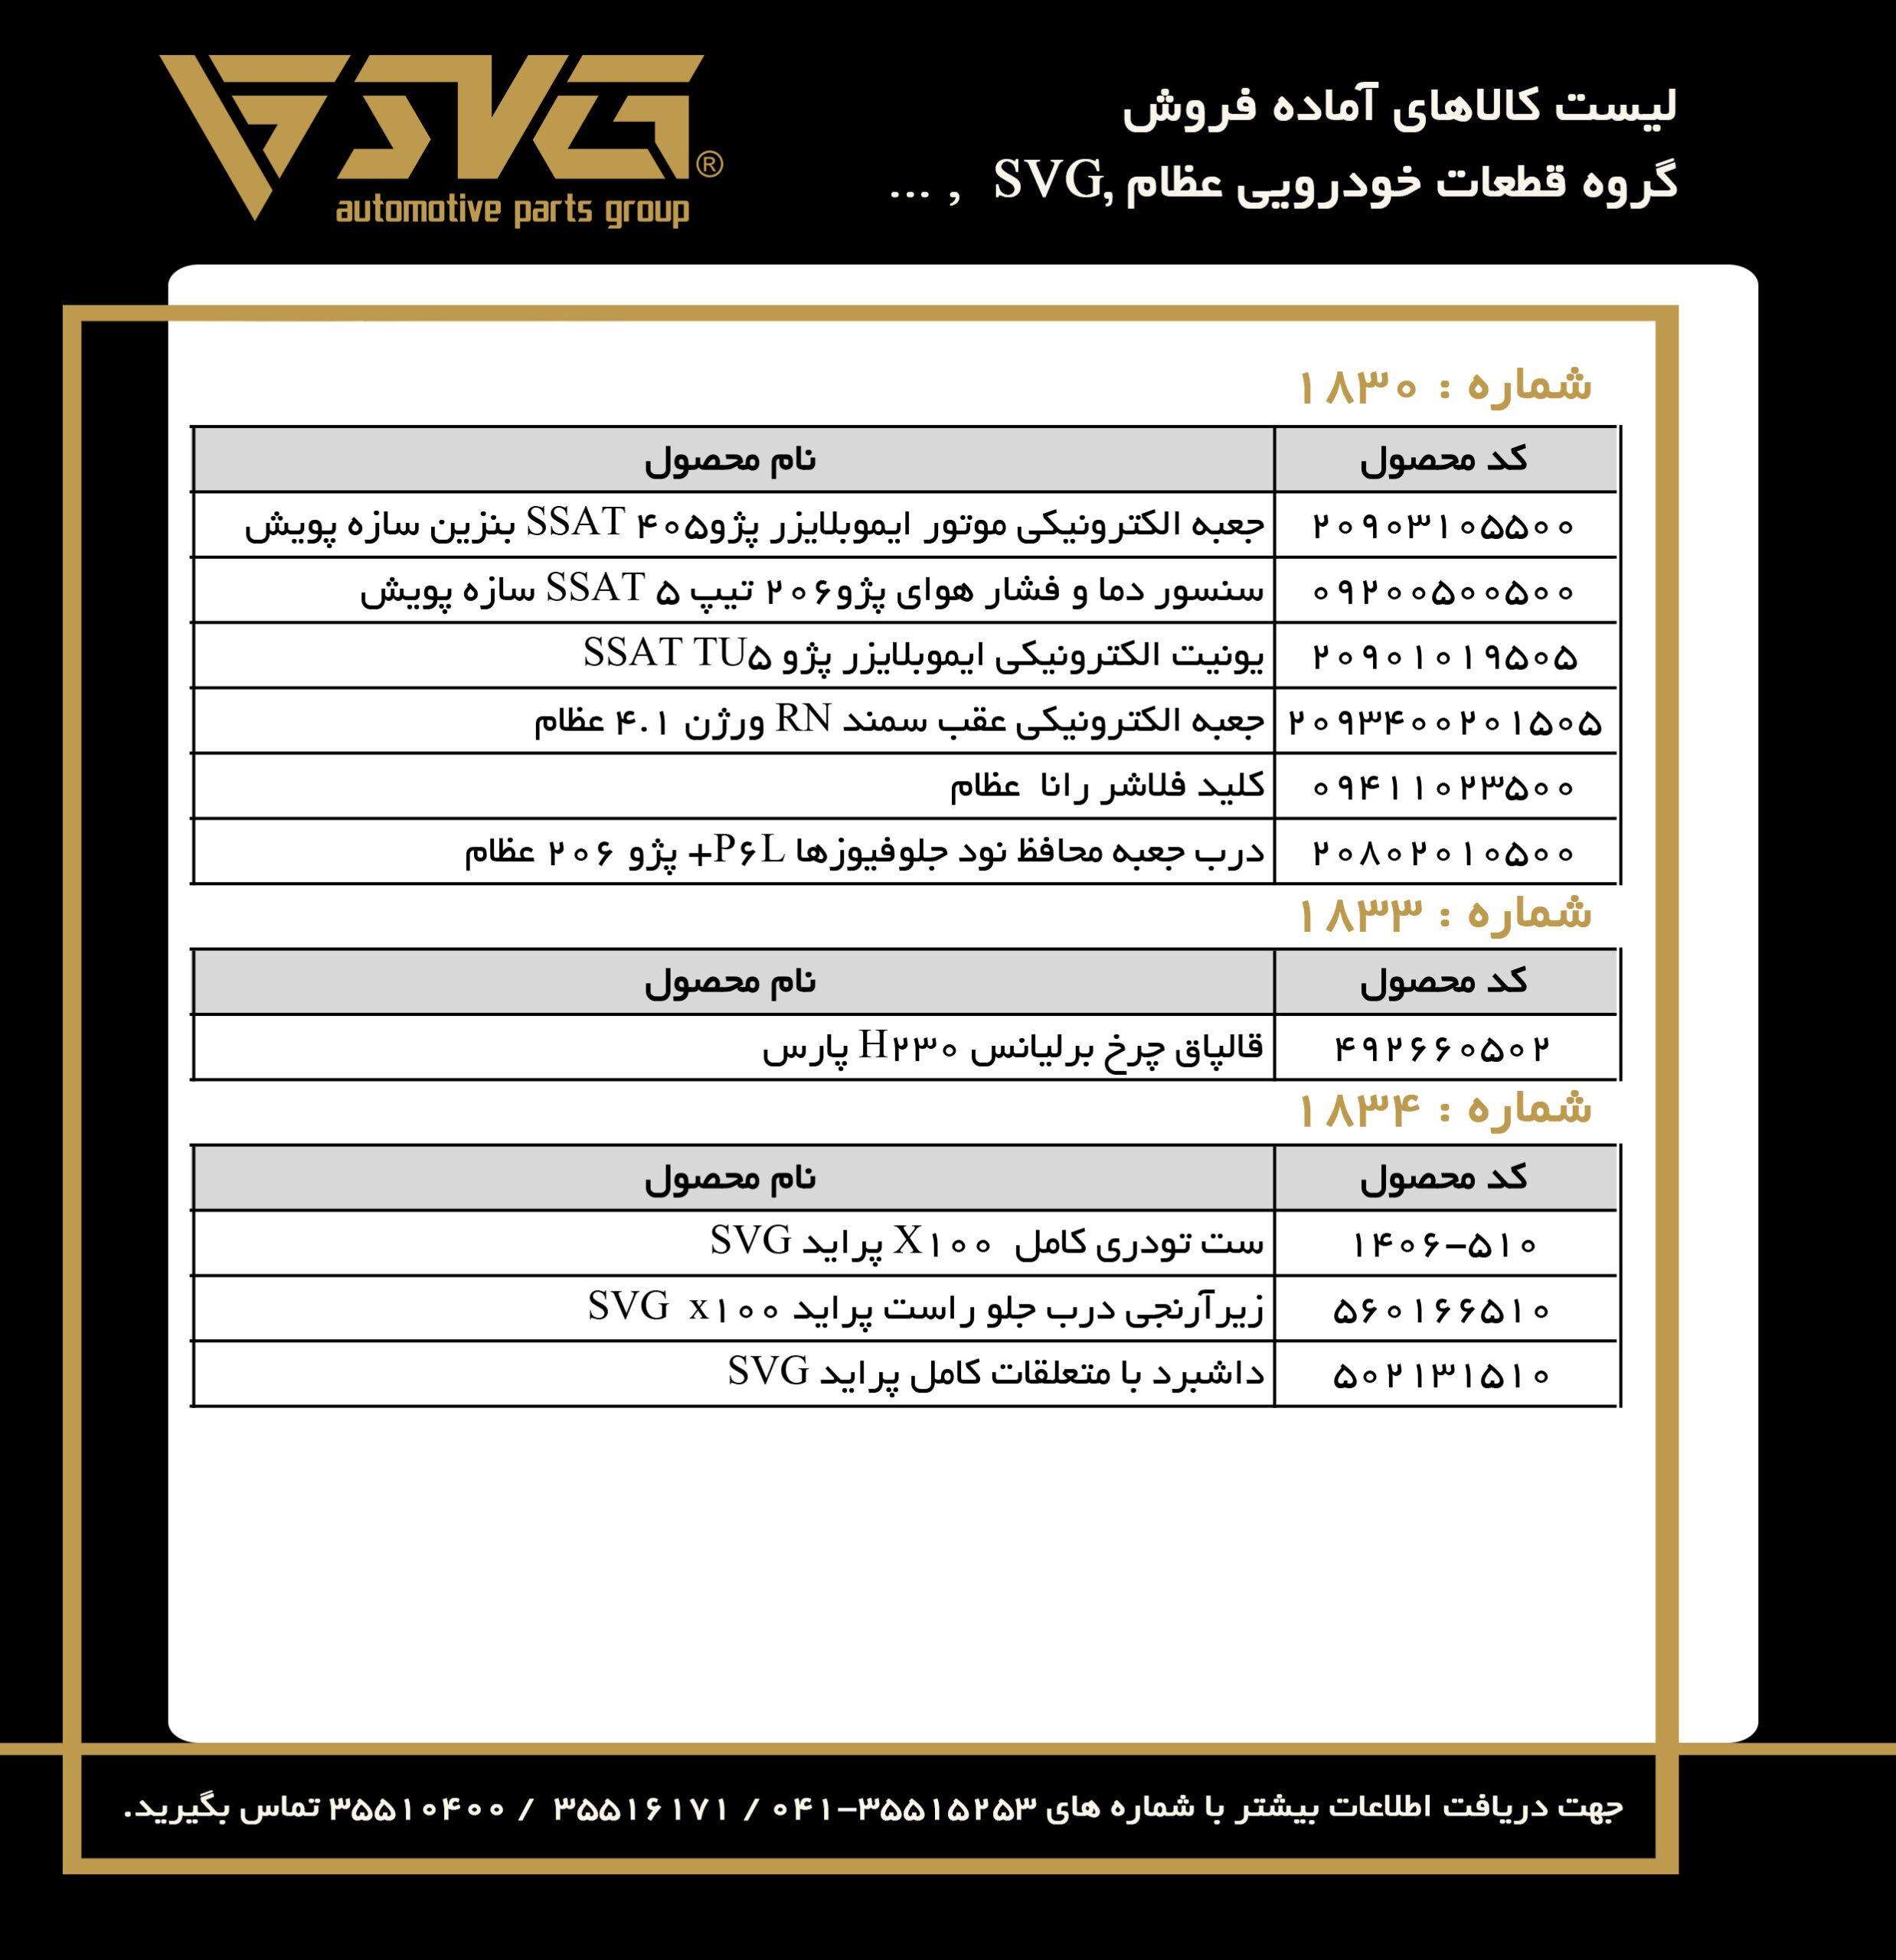 آماده فروش 7 بهمن 99